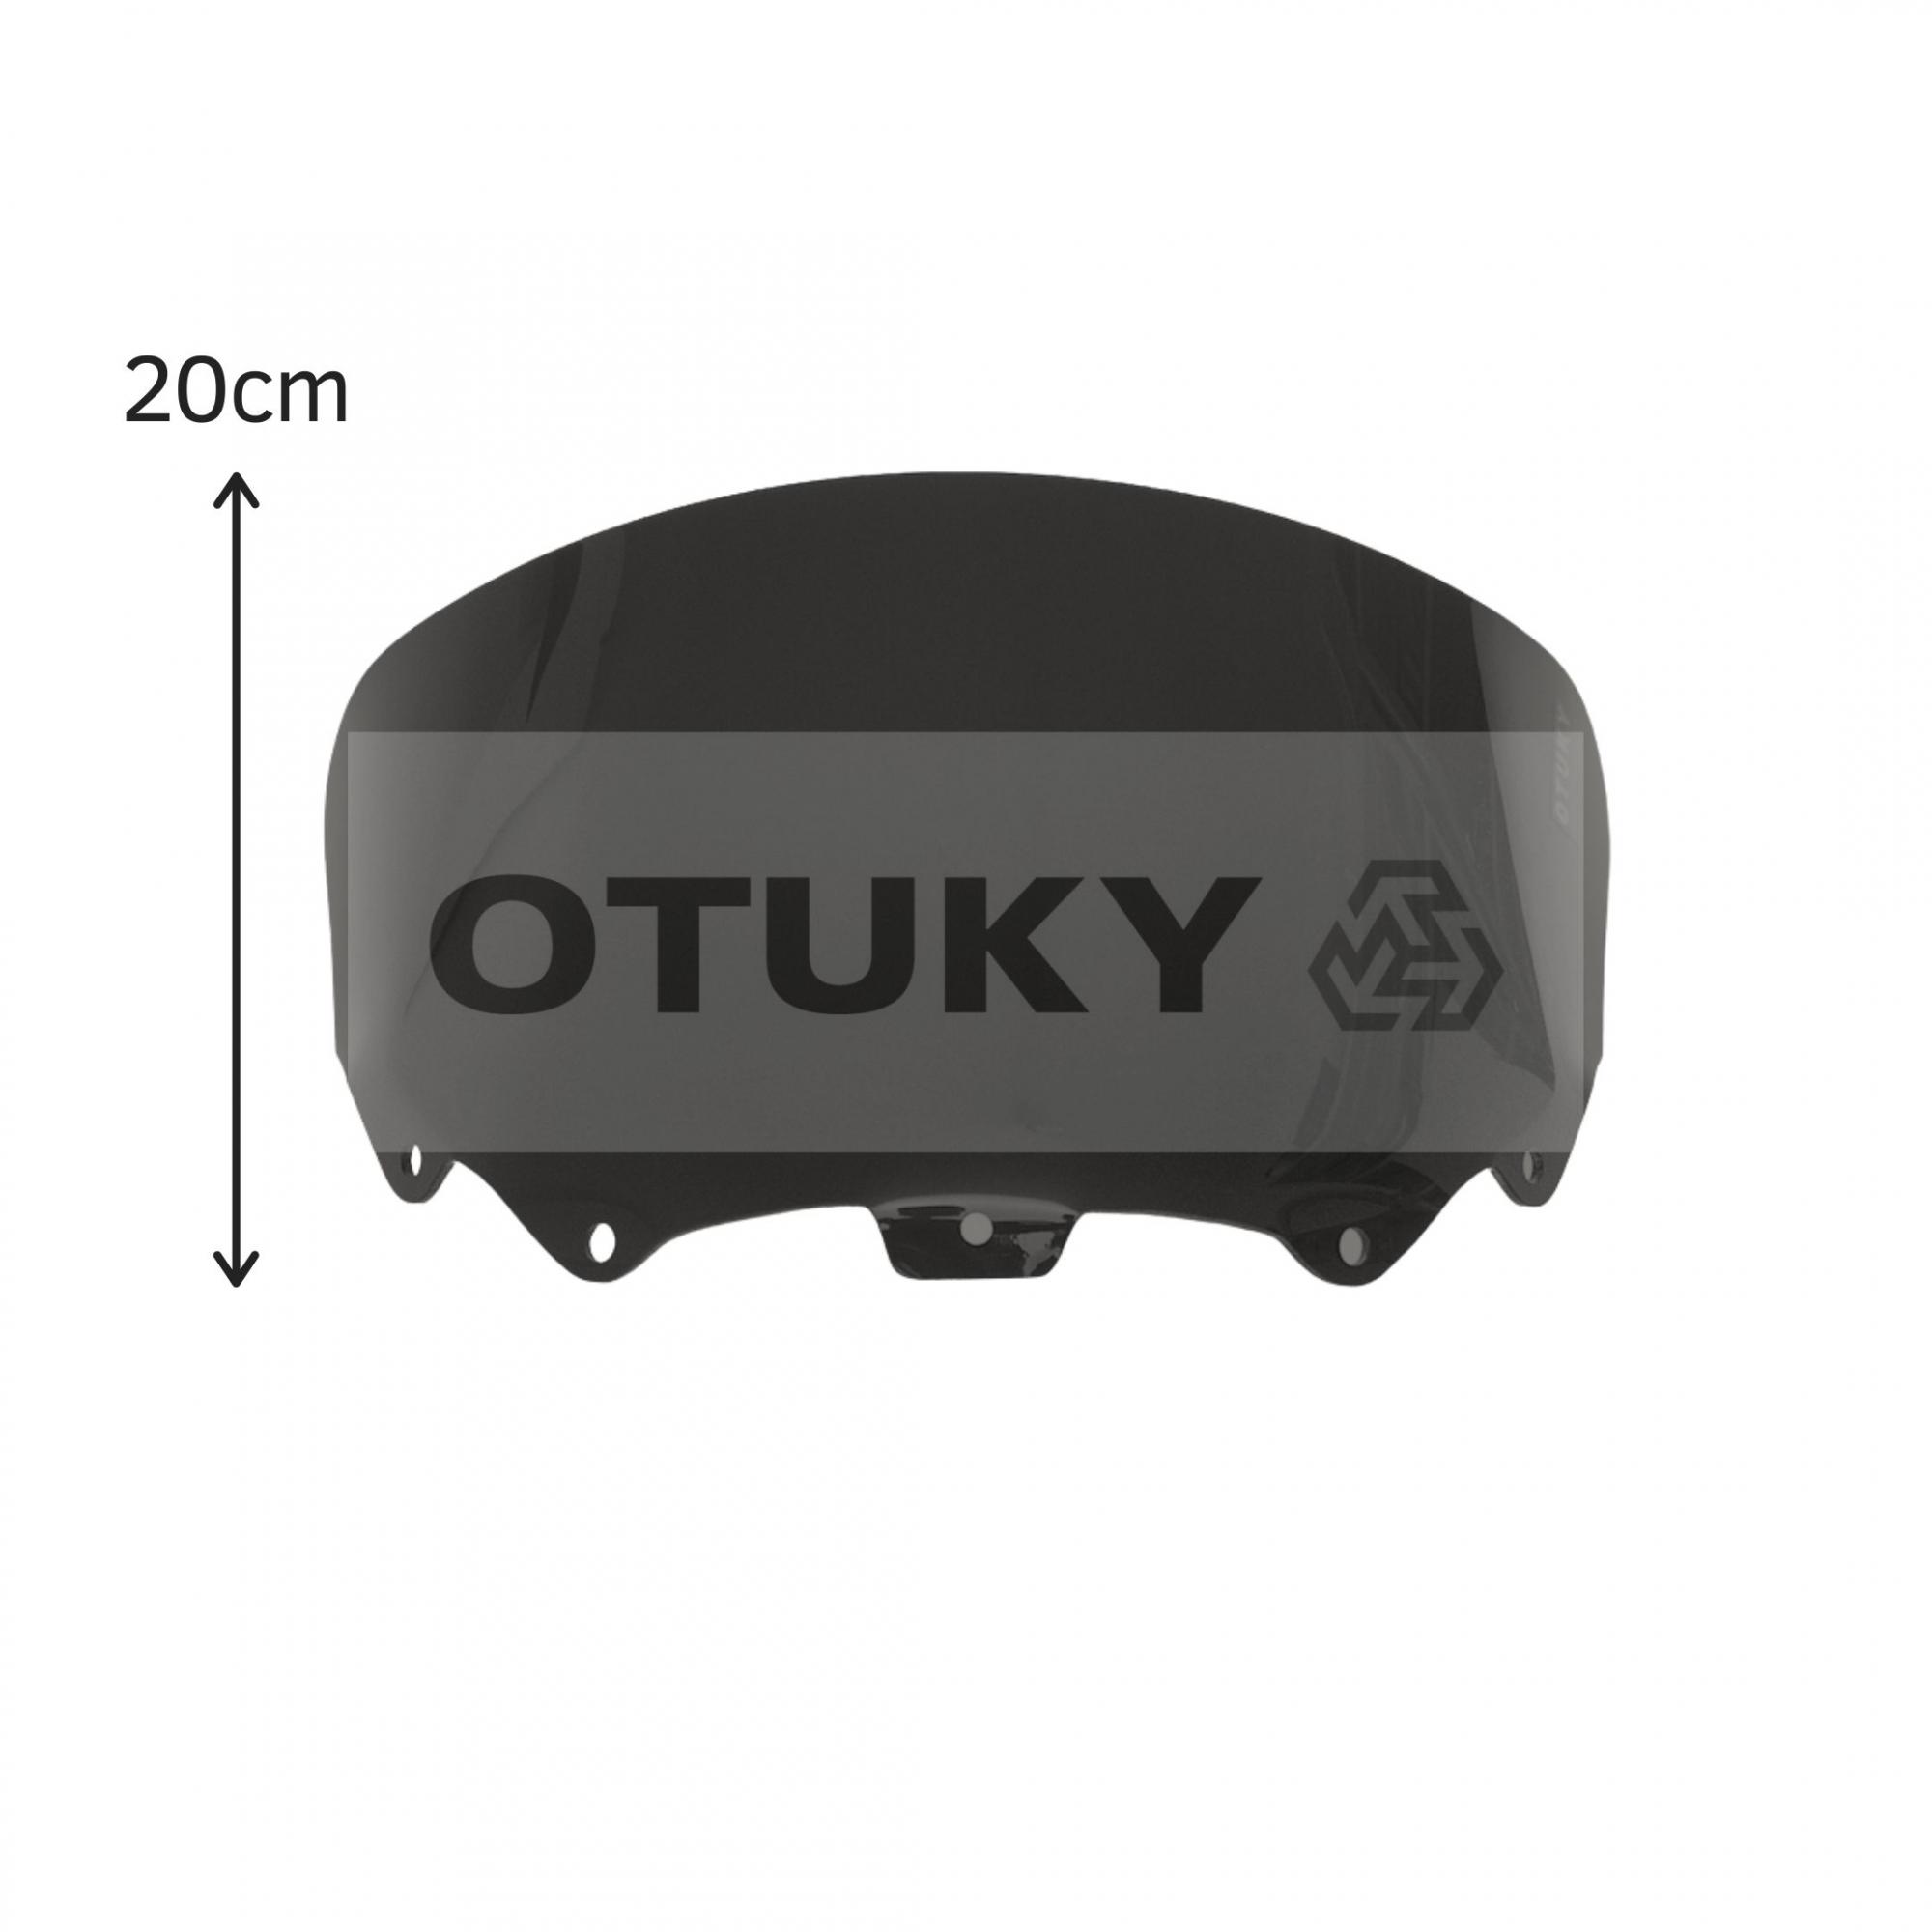 Bolha para Moto Citycom 300i Otuky Menor Preto